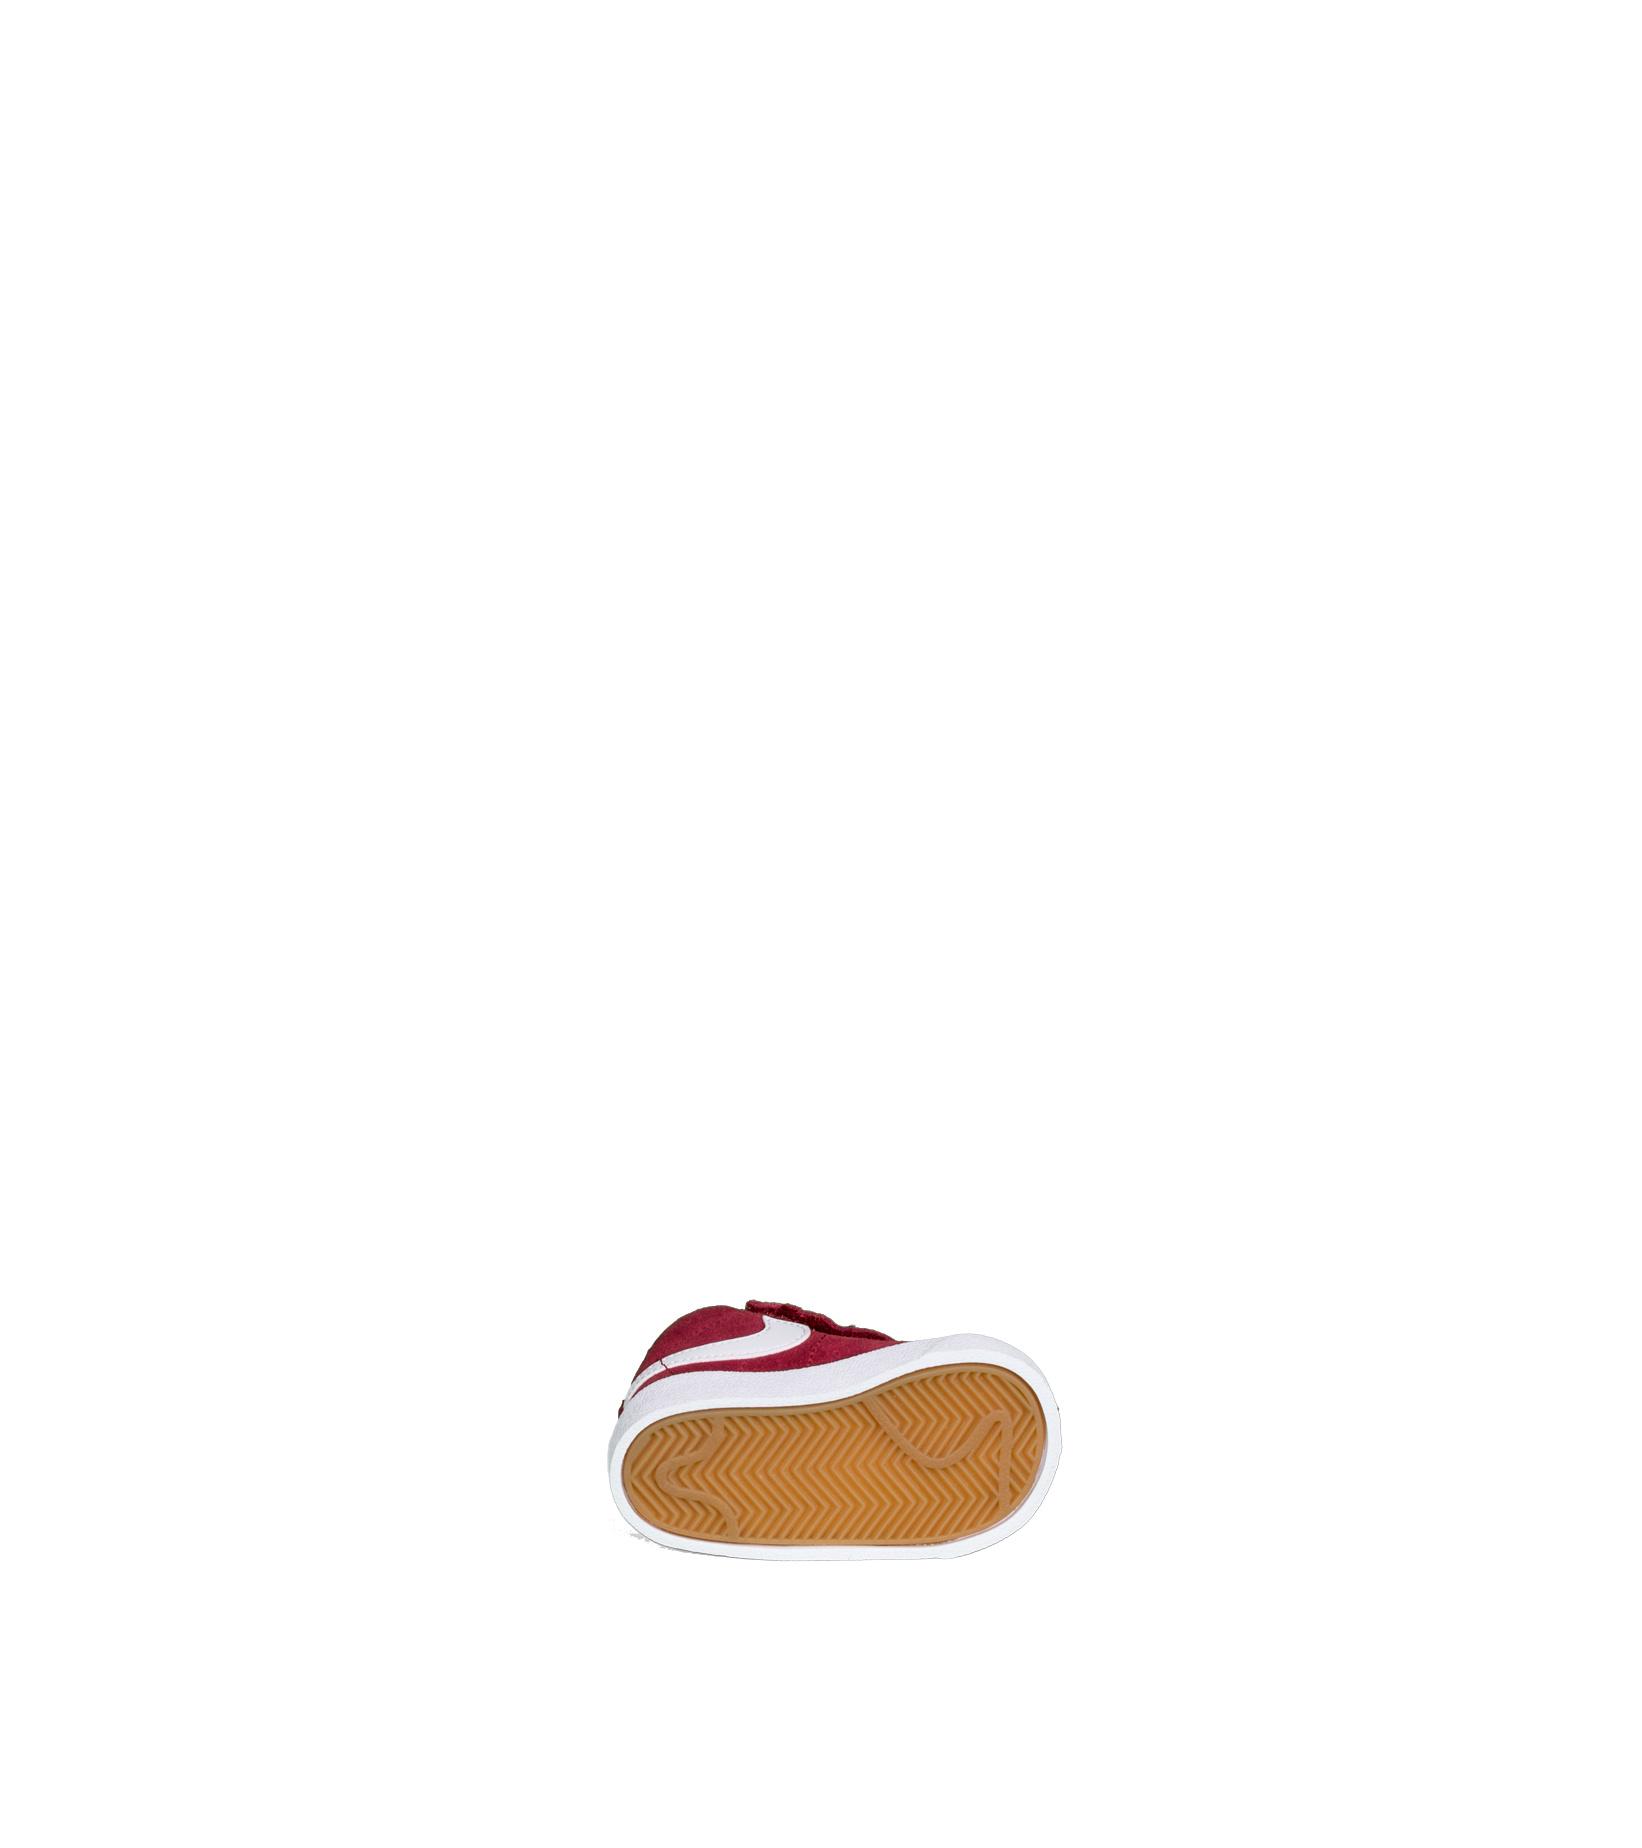 """Blazer Mid '77 (TD) """"Team Red/White""""-5"""